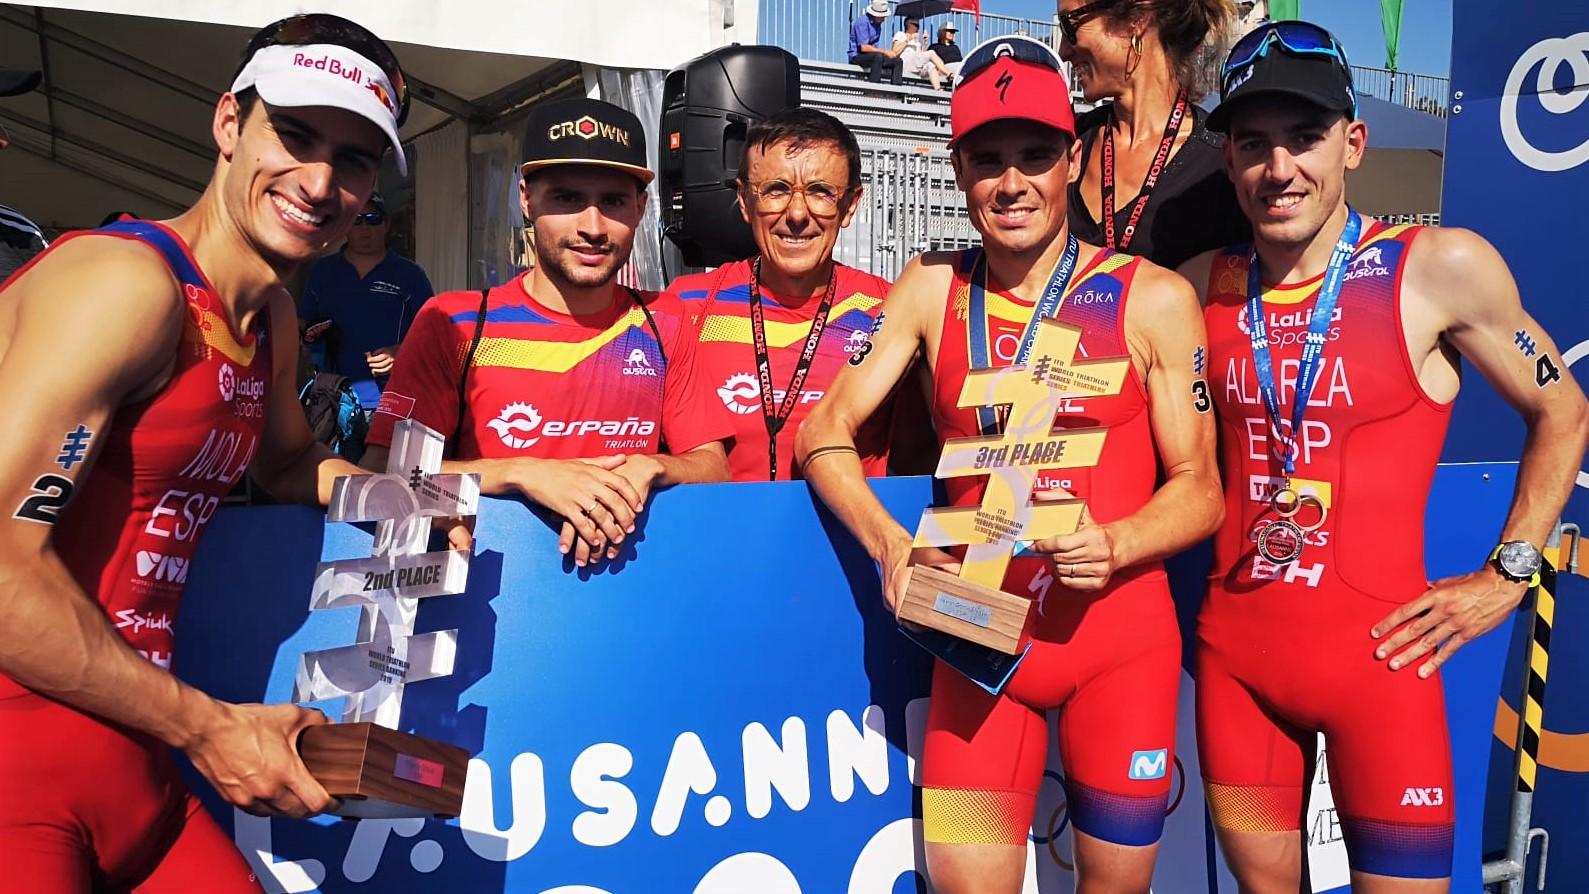 La FETRI destinara 100.000 euros en becas a los triatletas para ayudarles en un año difícil por la pandemia